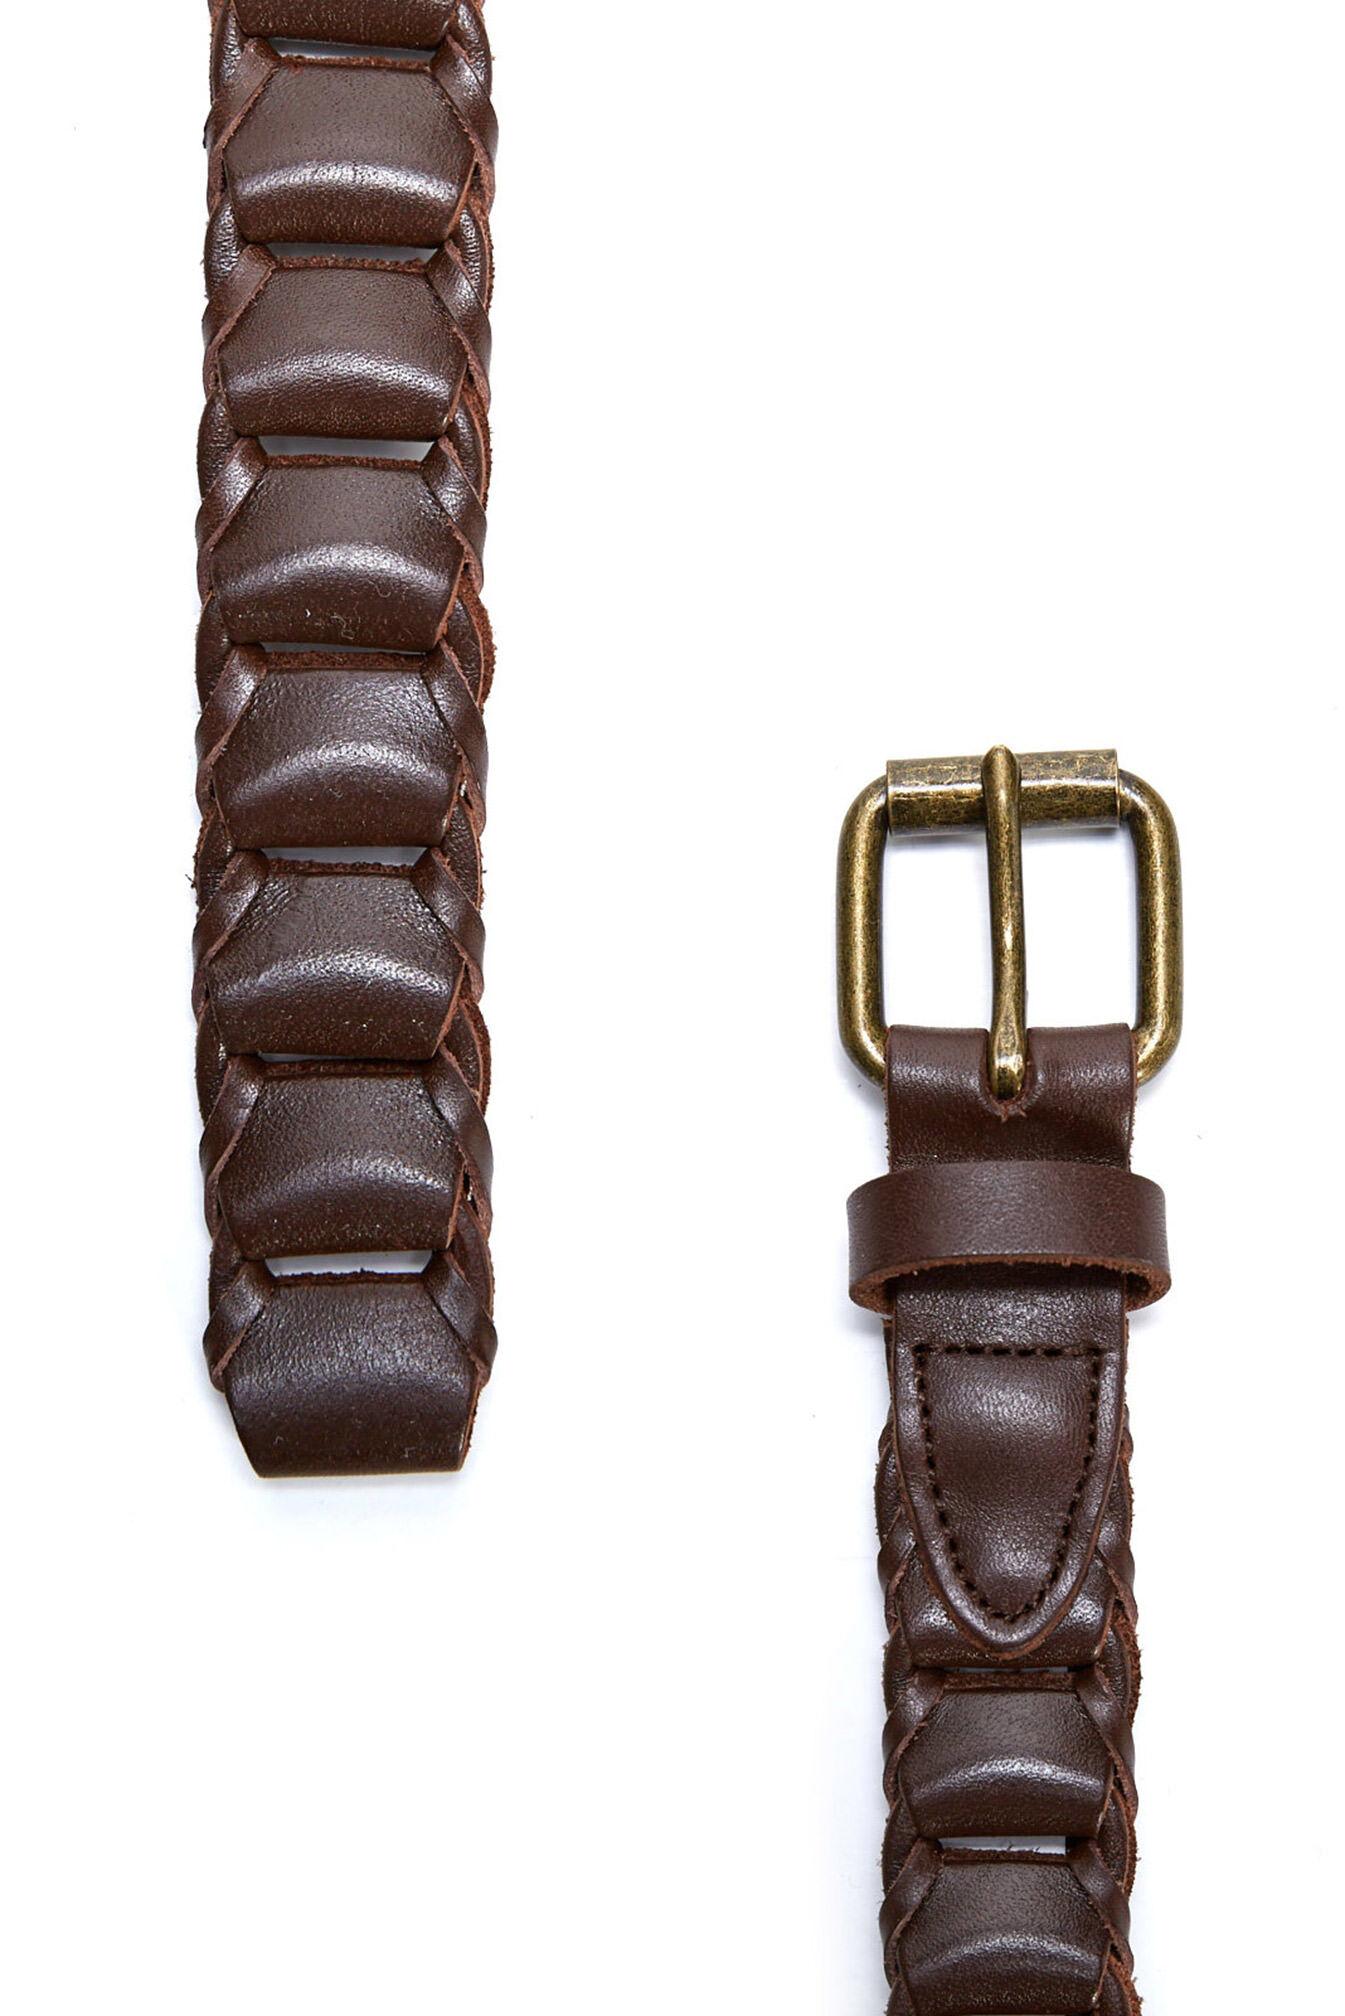 NEW-Sportscraft-WOMENS-Skye-Plaited-Belt-Belts